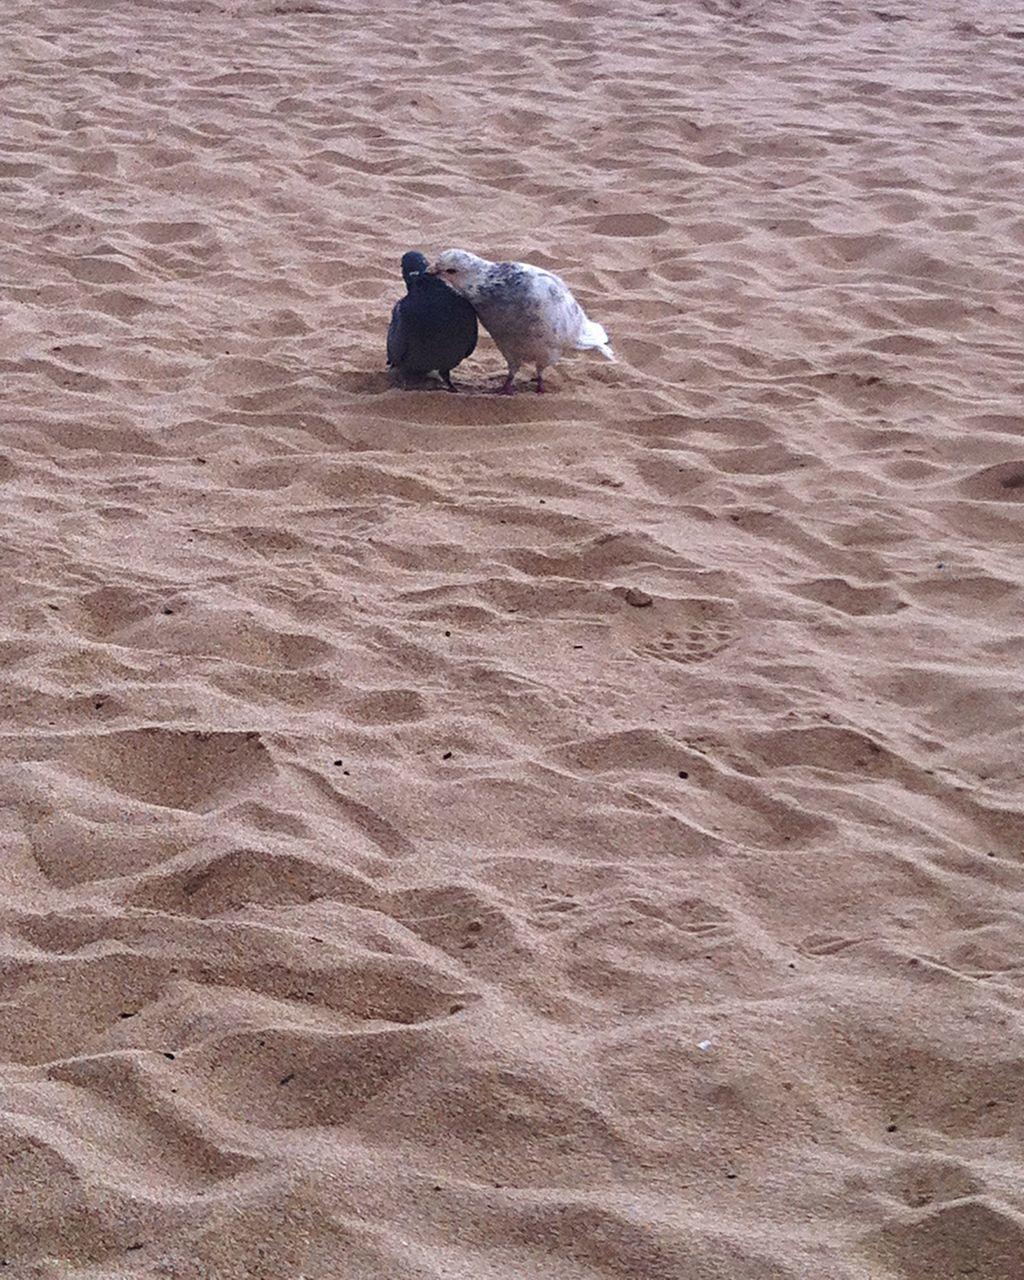 Birds On Sand At Beach